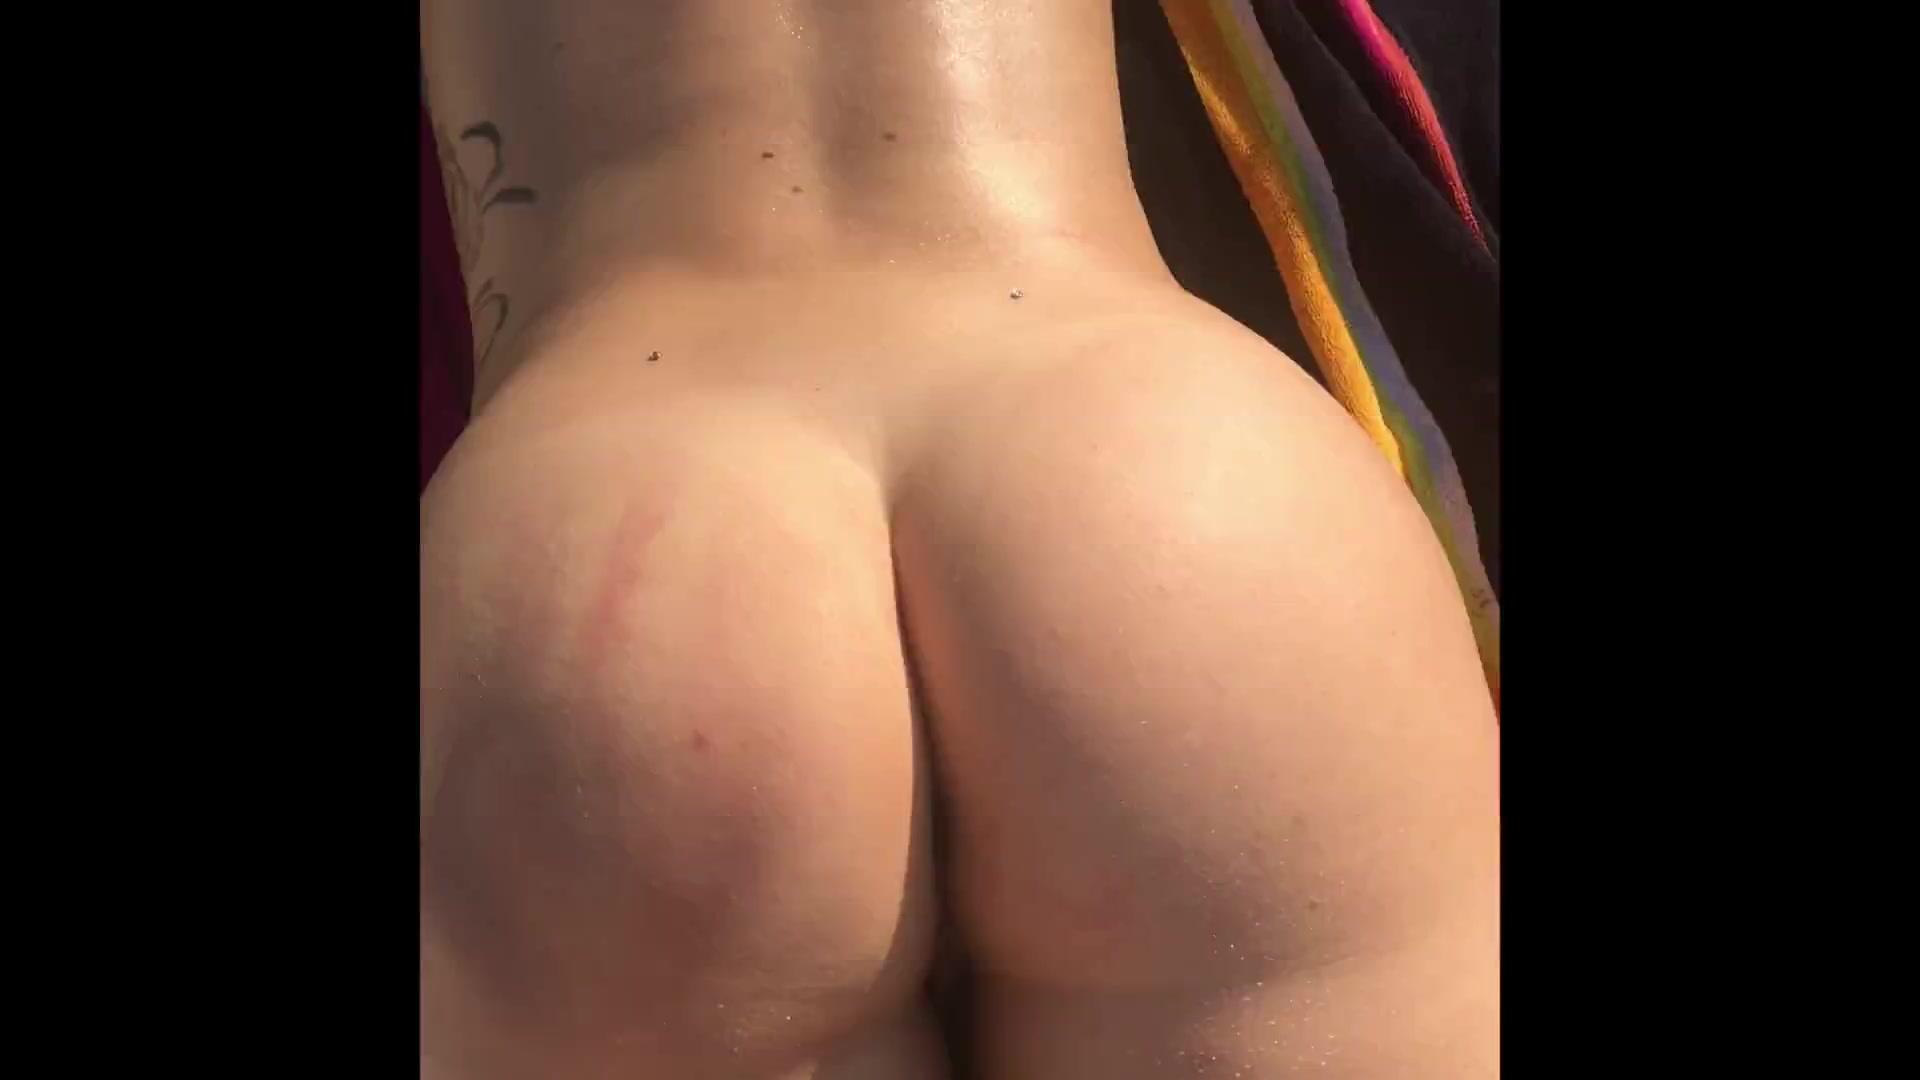 Avannah Porn savannah rose multiple fingering clips public nudity, butt